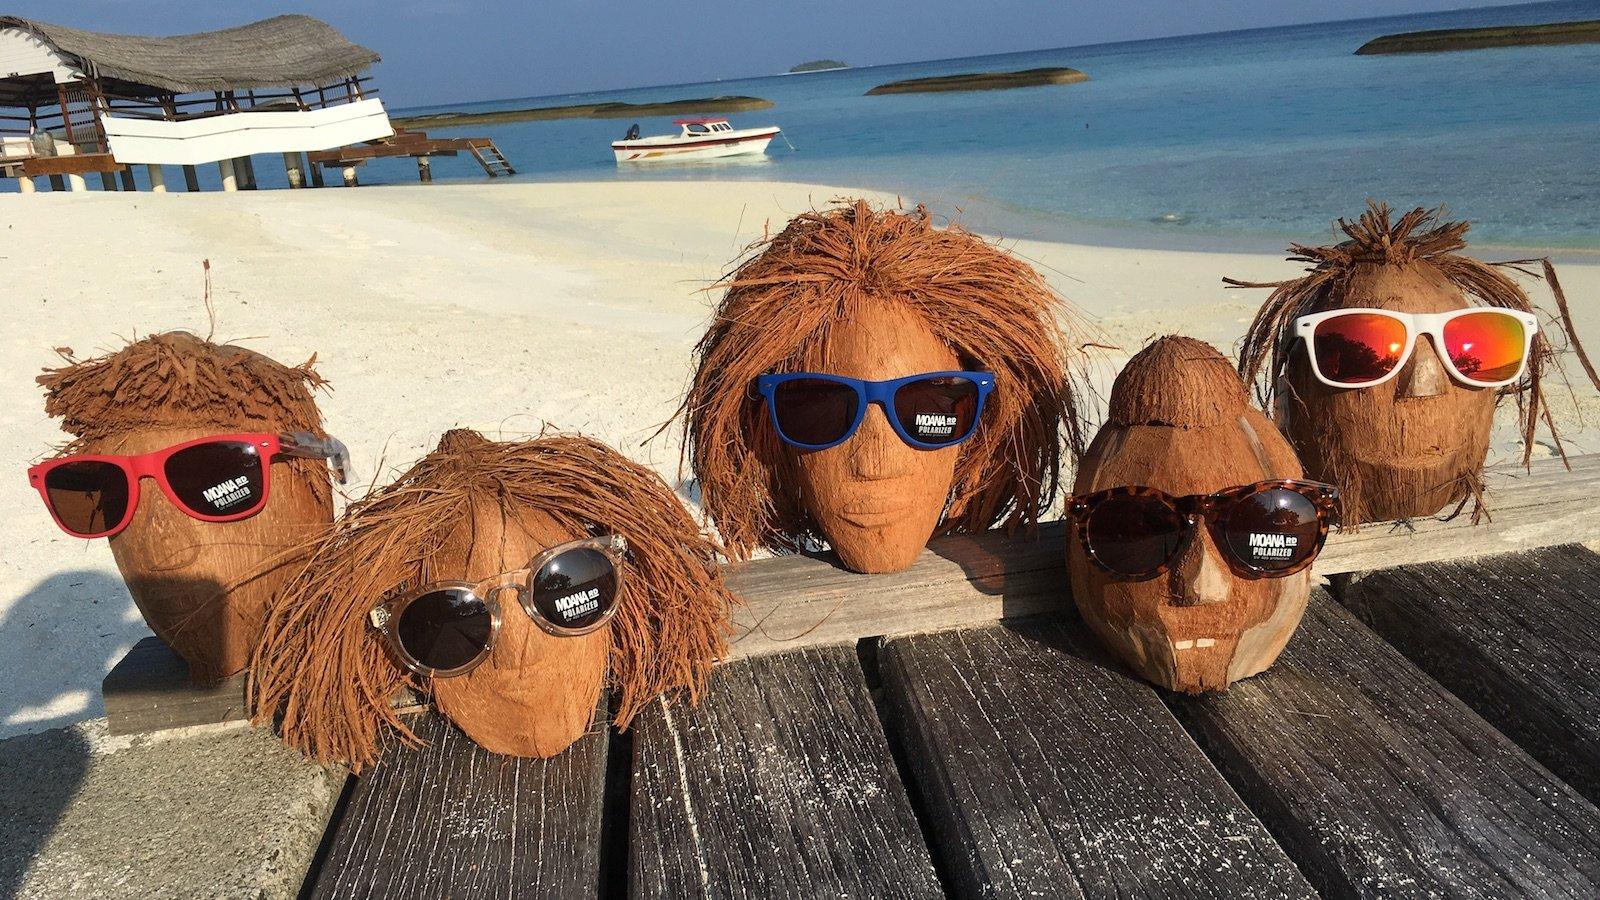 shop Moana sunglasses on 5 coconut heads